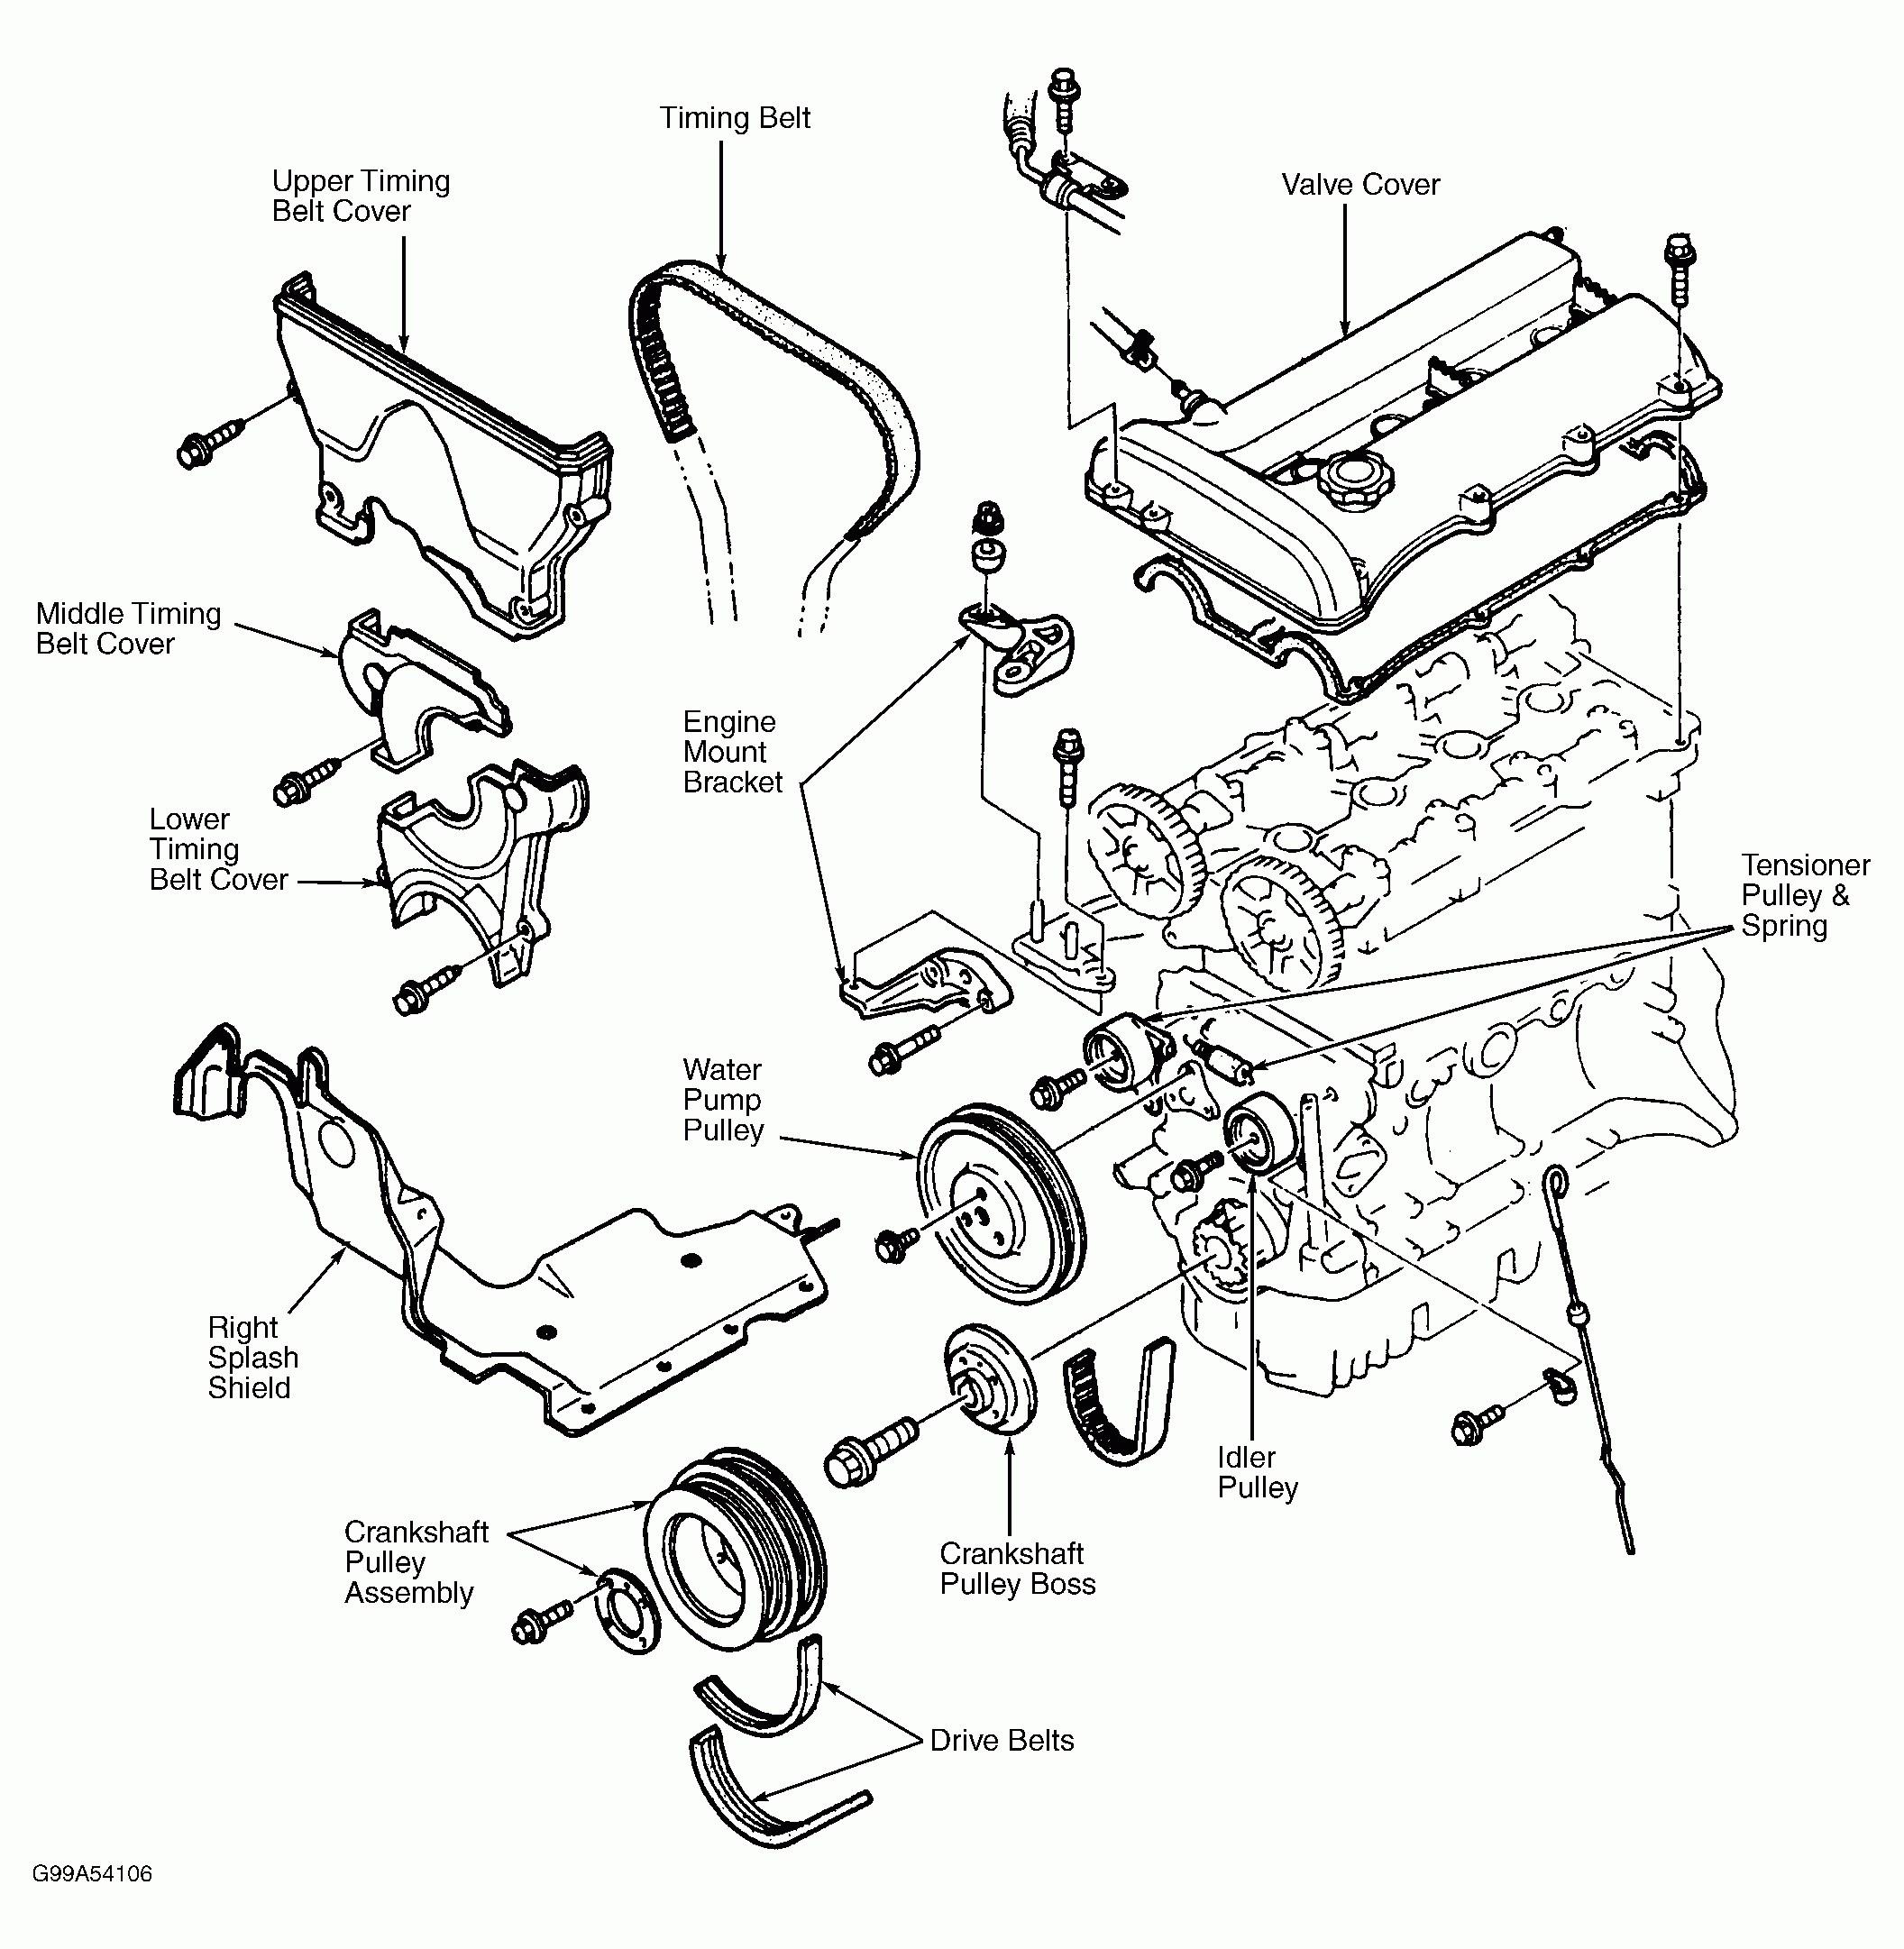 1997 Mazda Protege Engine Diagram Wiring Diagram Belt Dicover D Belt Dicover D Consorziofiuggiturismo It